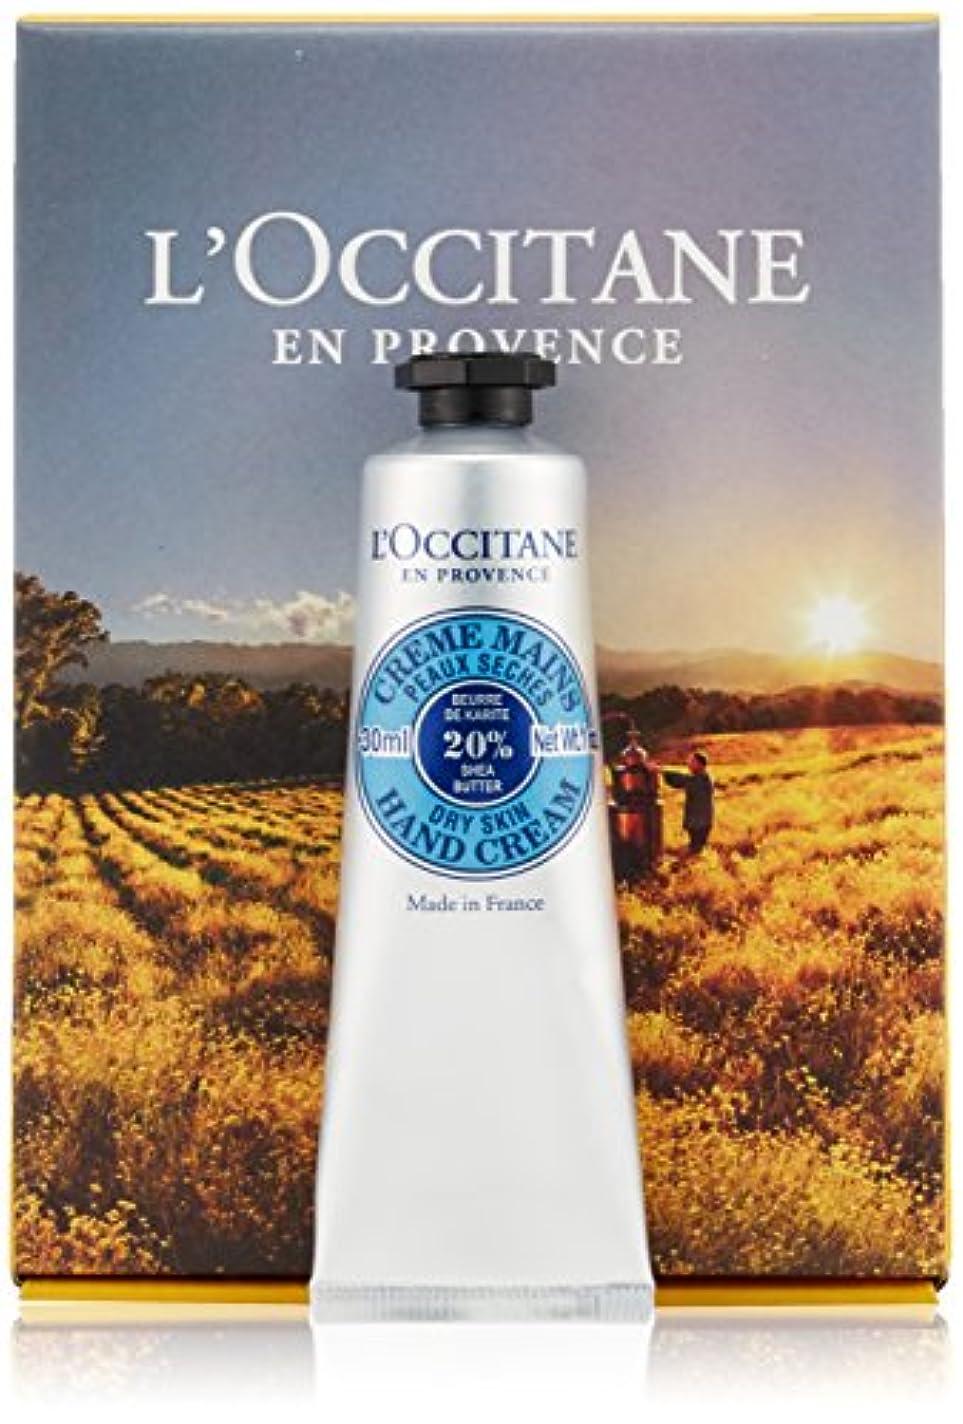 優越仕える広がりロクシタン(L'OCCITANE) シアハンドクリーム 30ml BOX入り